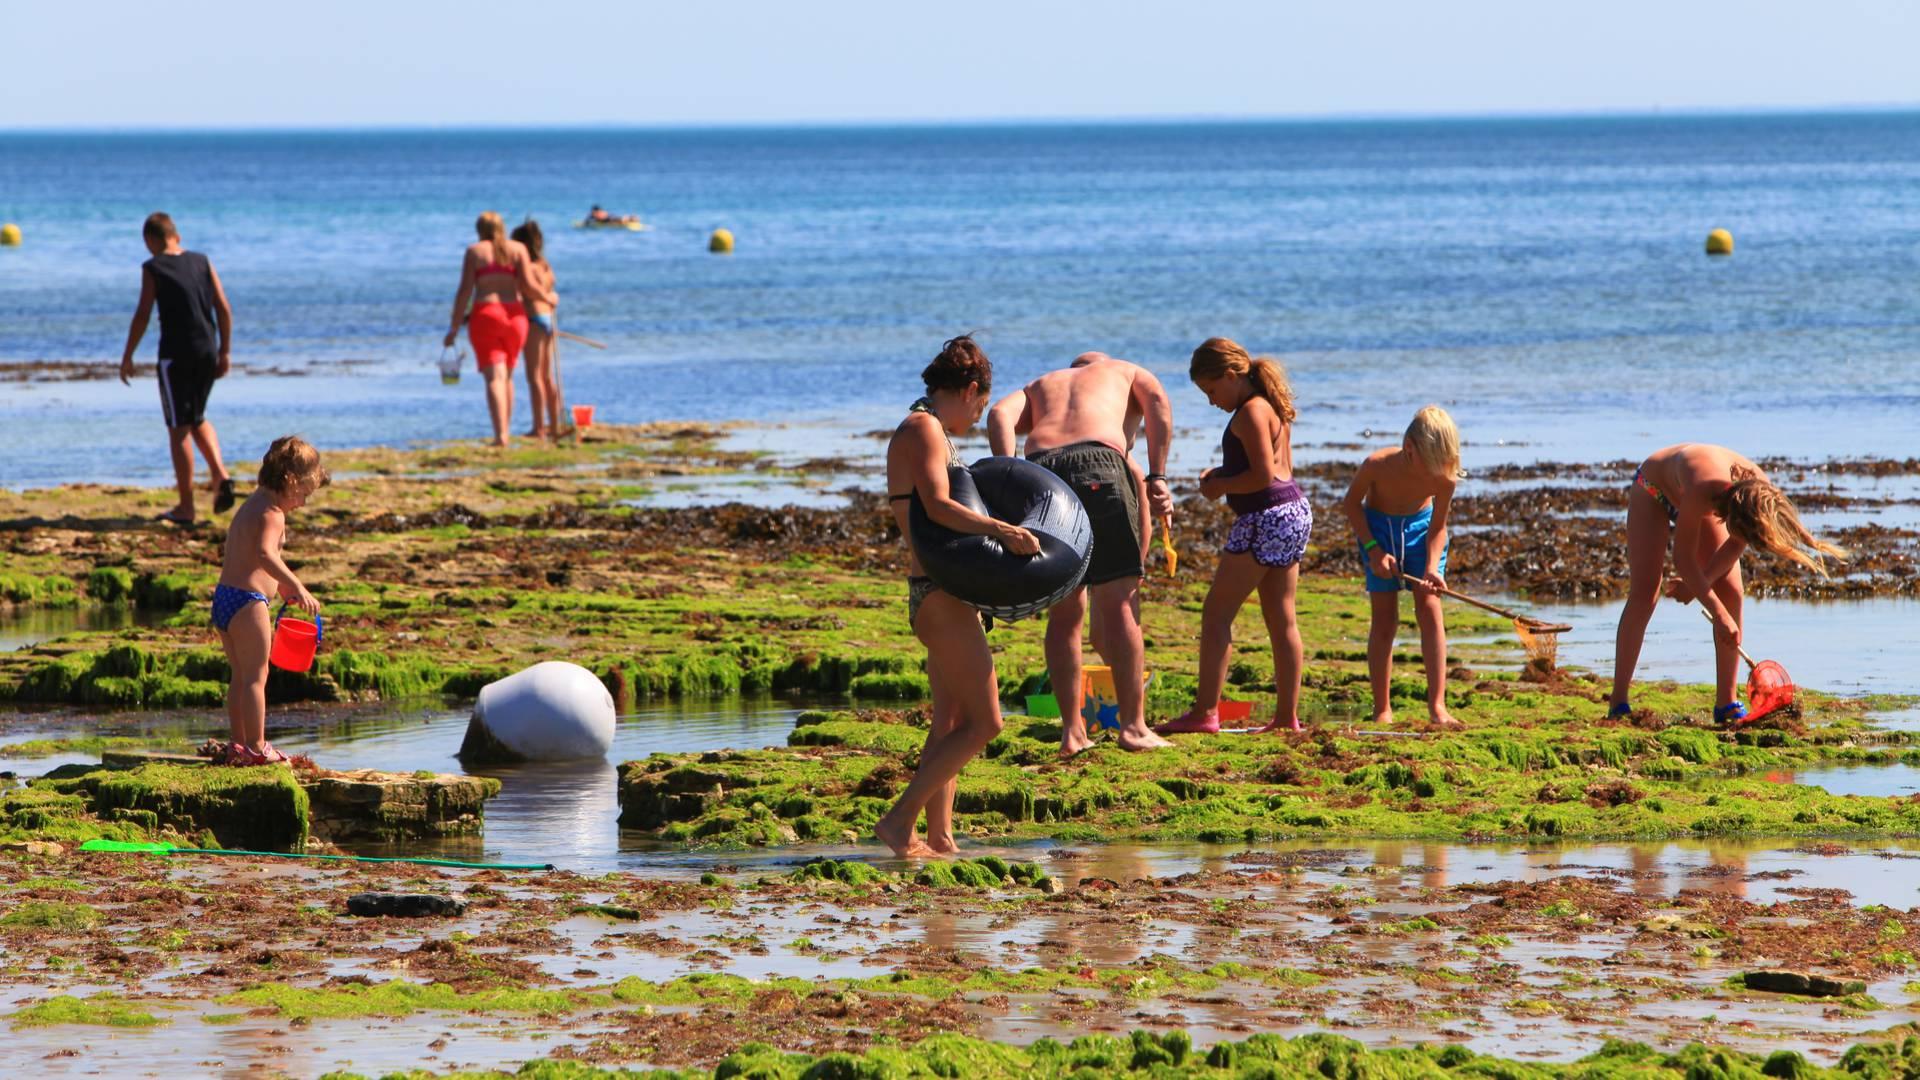 Fishing with children Ile de Ré by François Blanchard